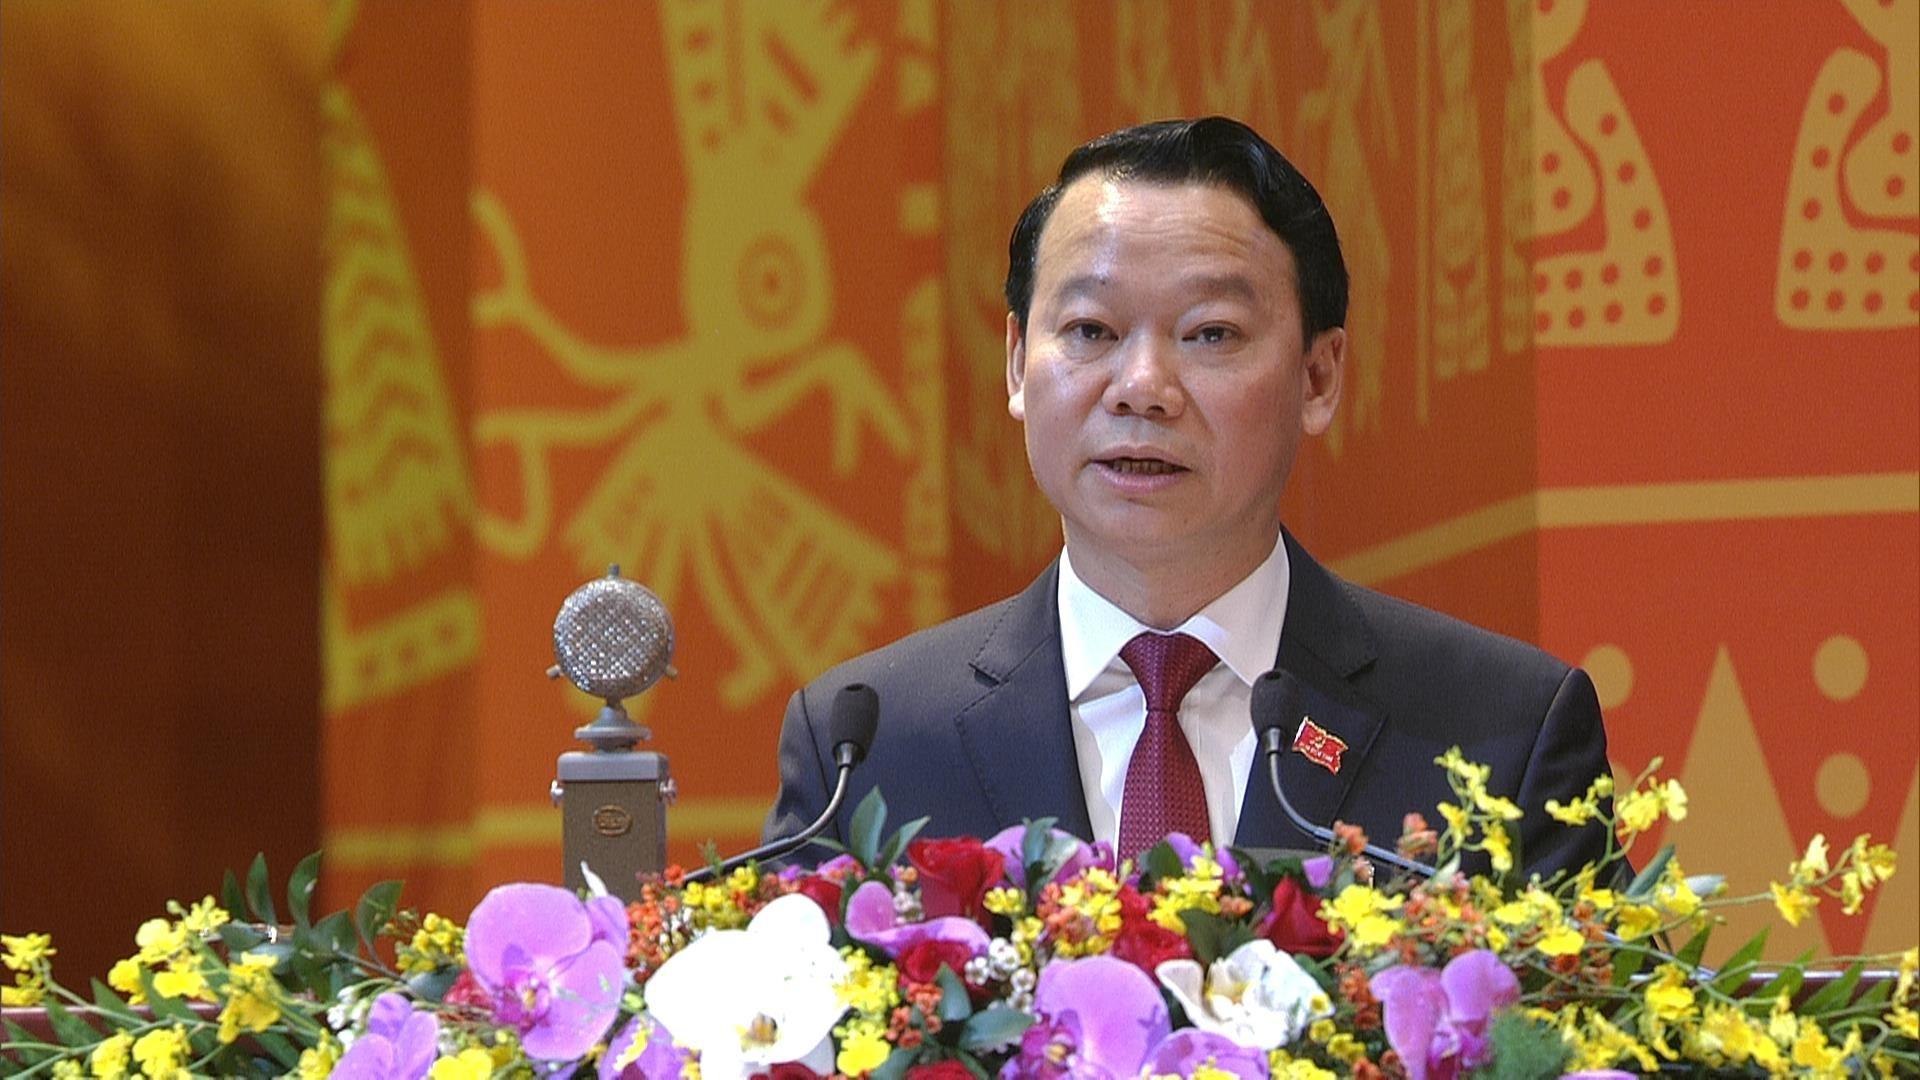 Bí thư Tỉnh ủy, Chủ tịch HĐND tỉnh Yên bái Đỗ Đức Duy trình bày tham luận